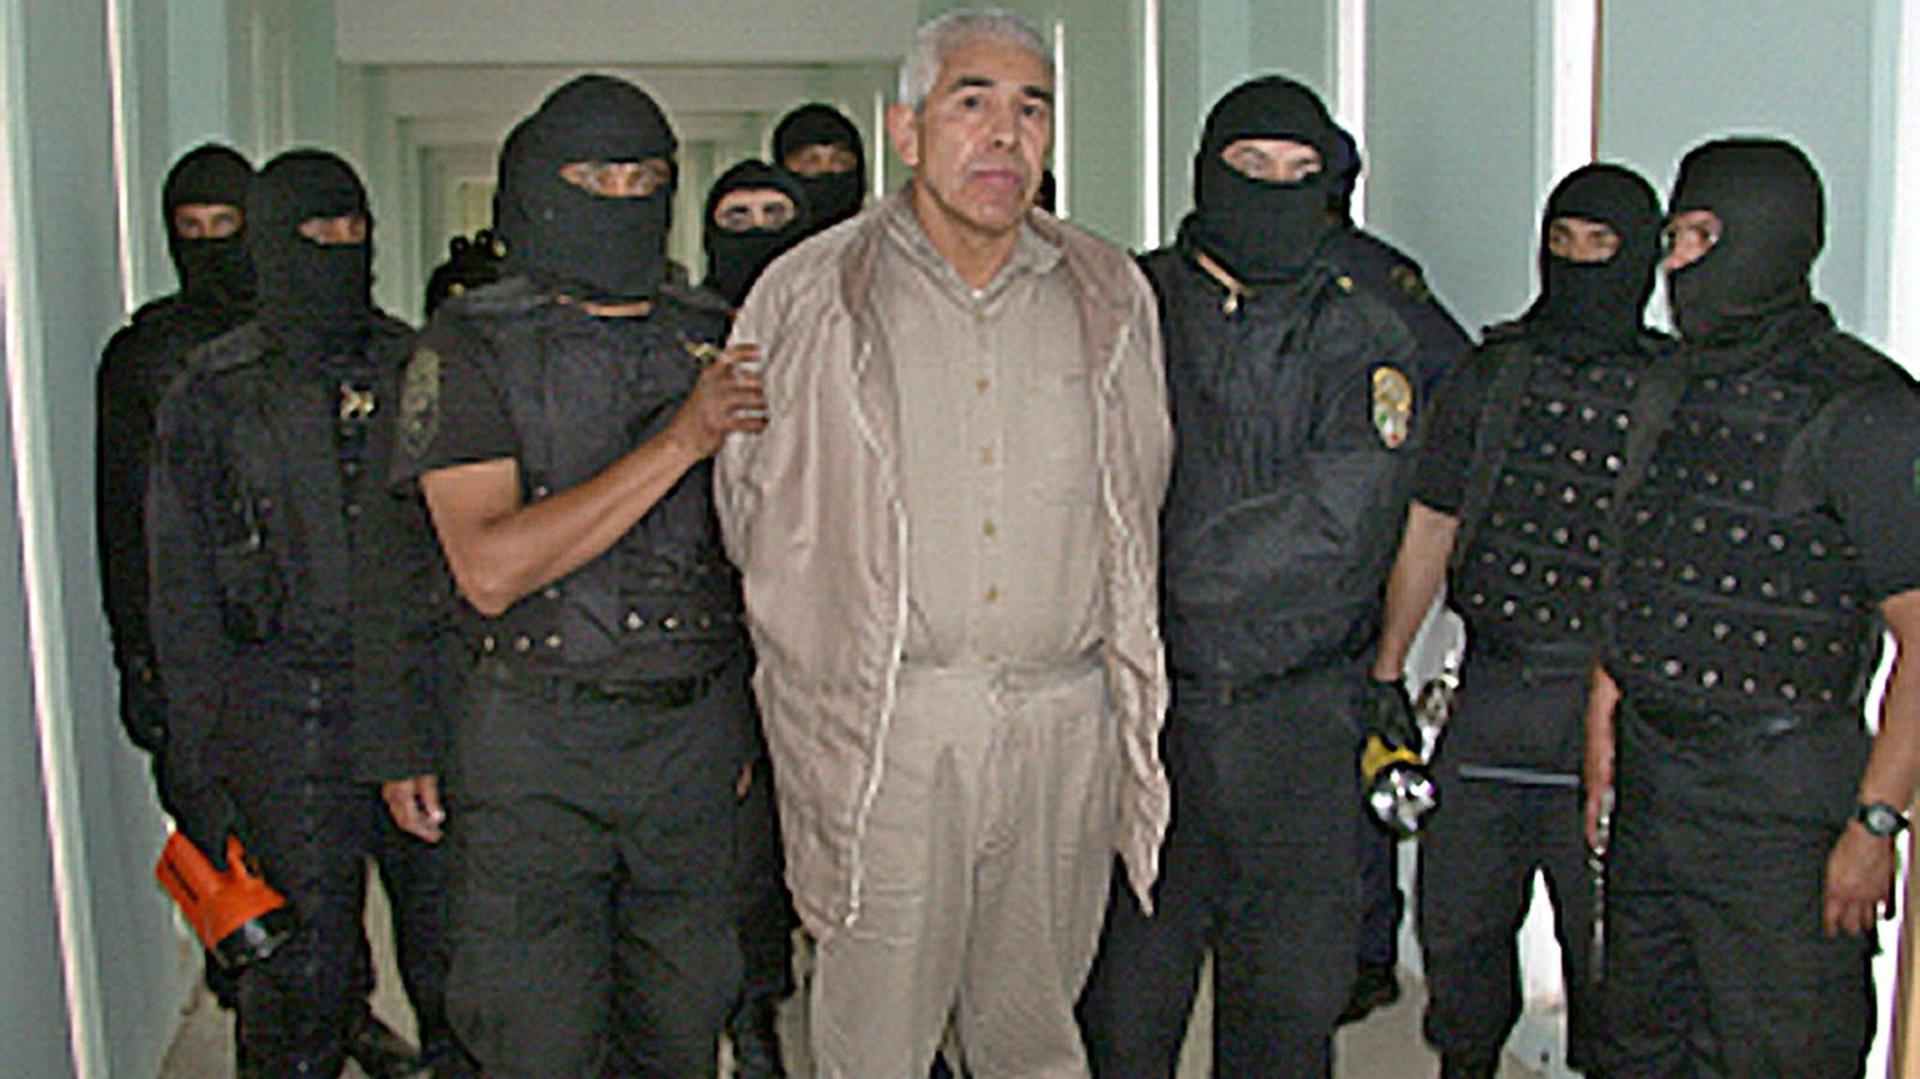 Rafael Caro Quintero custodiado por agentes antidrogas en la prisión Puente Grande, en Guadalajara (Foto: AFP)